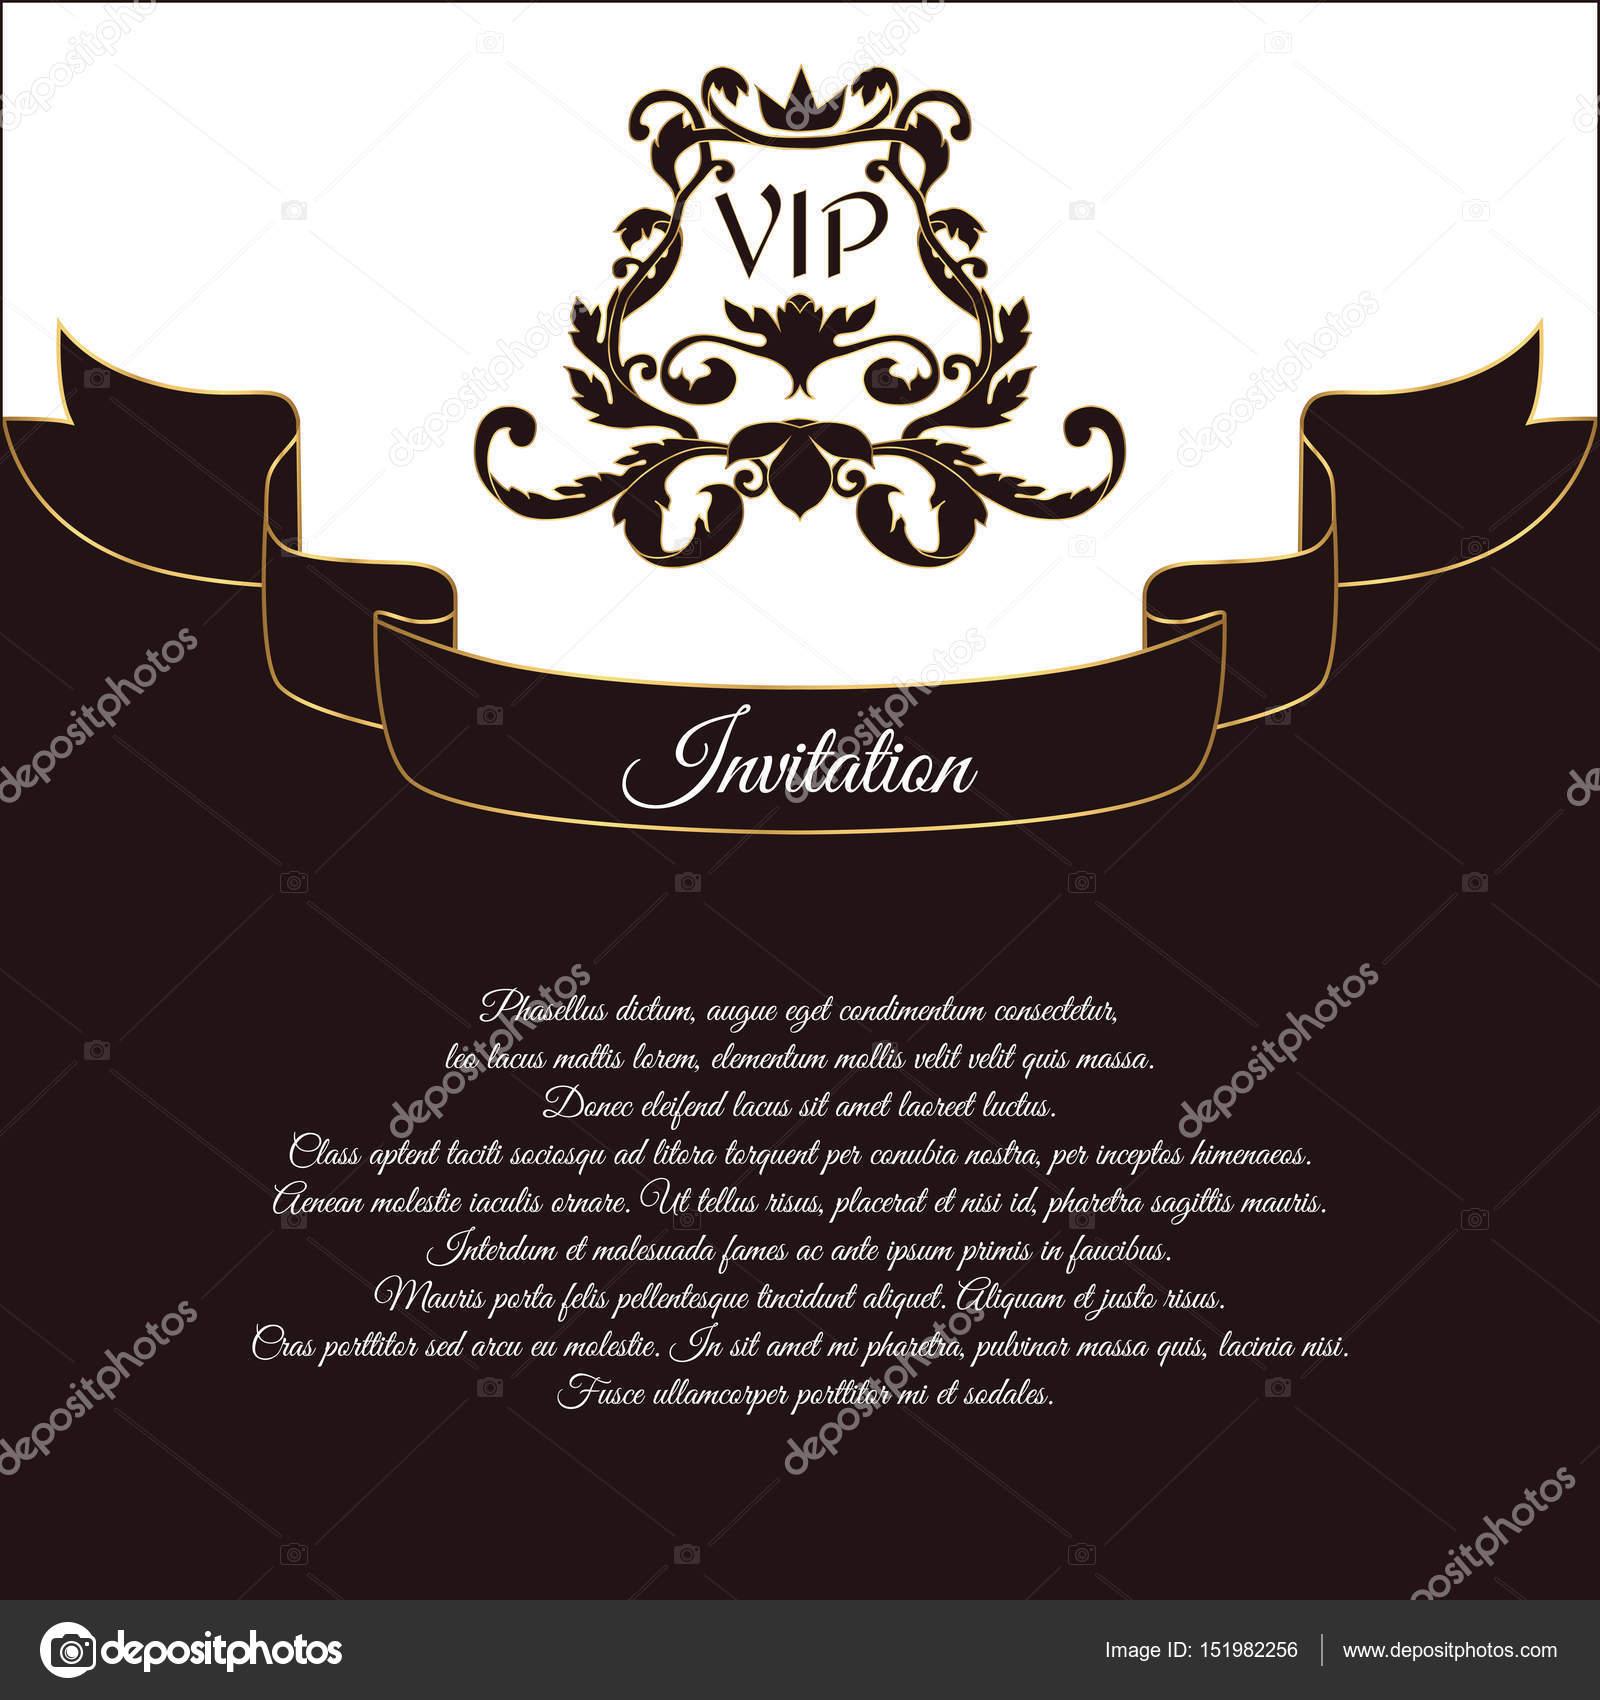 Eleganckie Pocztówka Zaproszenia Vip I życzenia ślubne W Stylu